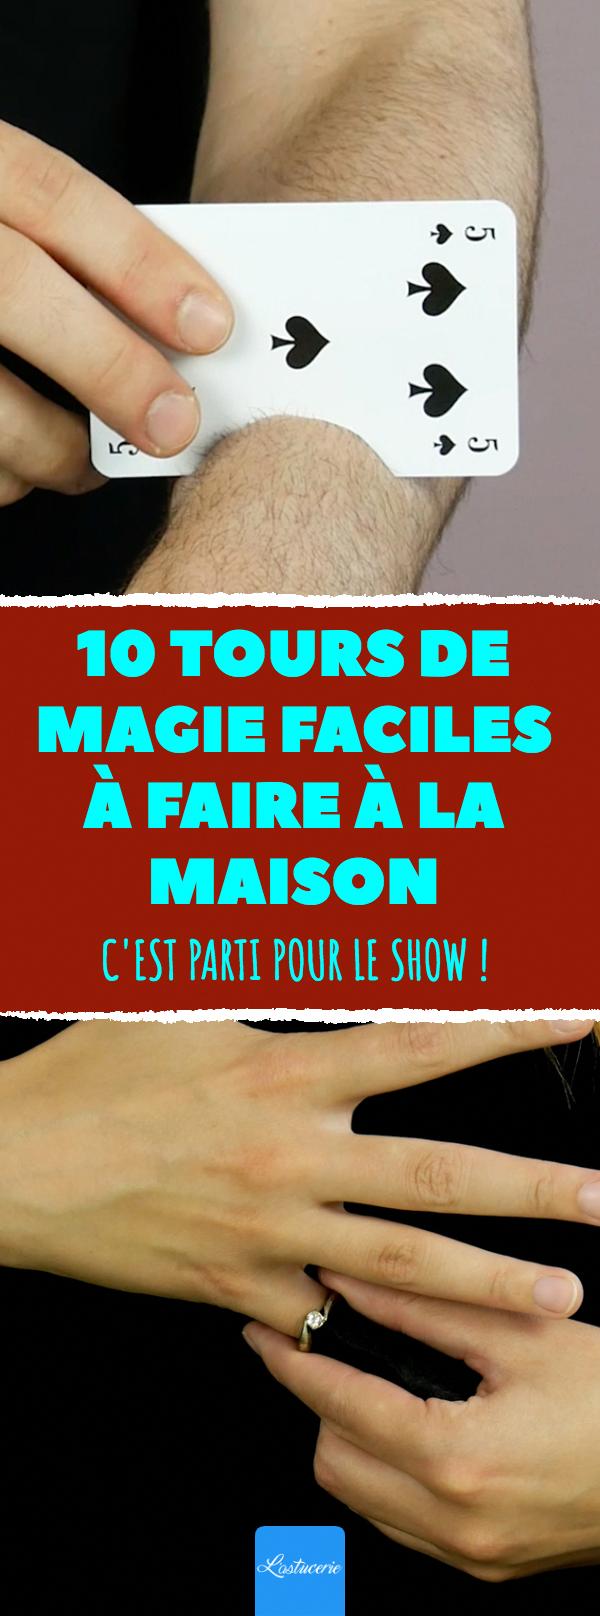 10 Tours De Magie Faciles A Faire A La Maison C Est Parti Pour Le Show Tour Magie Comment Magicien Magi Magie Facile Tour De Magie Tour De Magie Facile